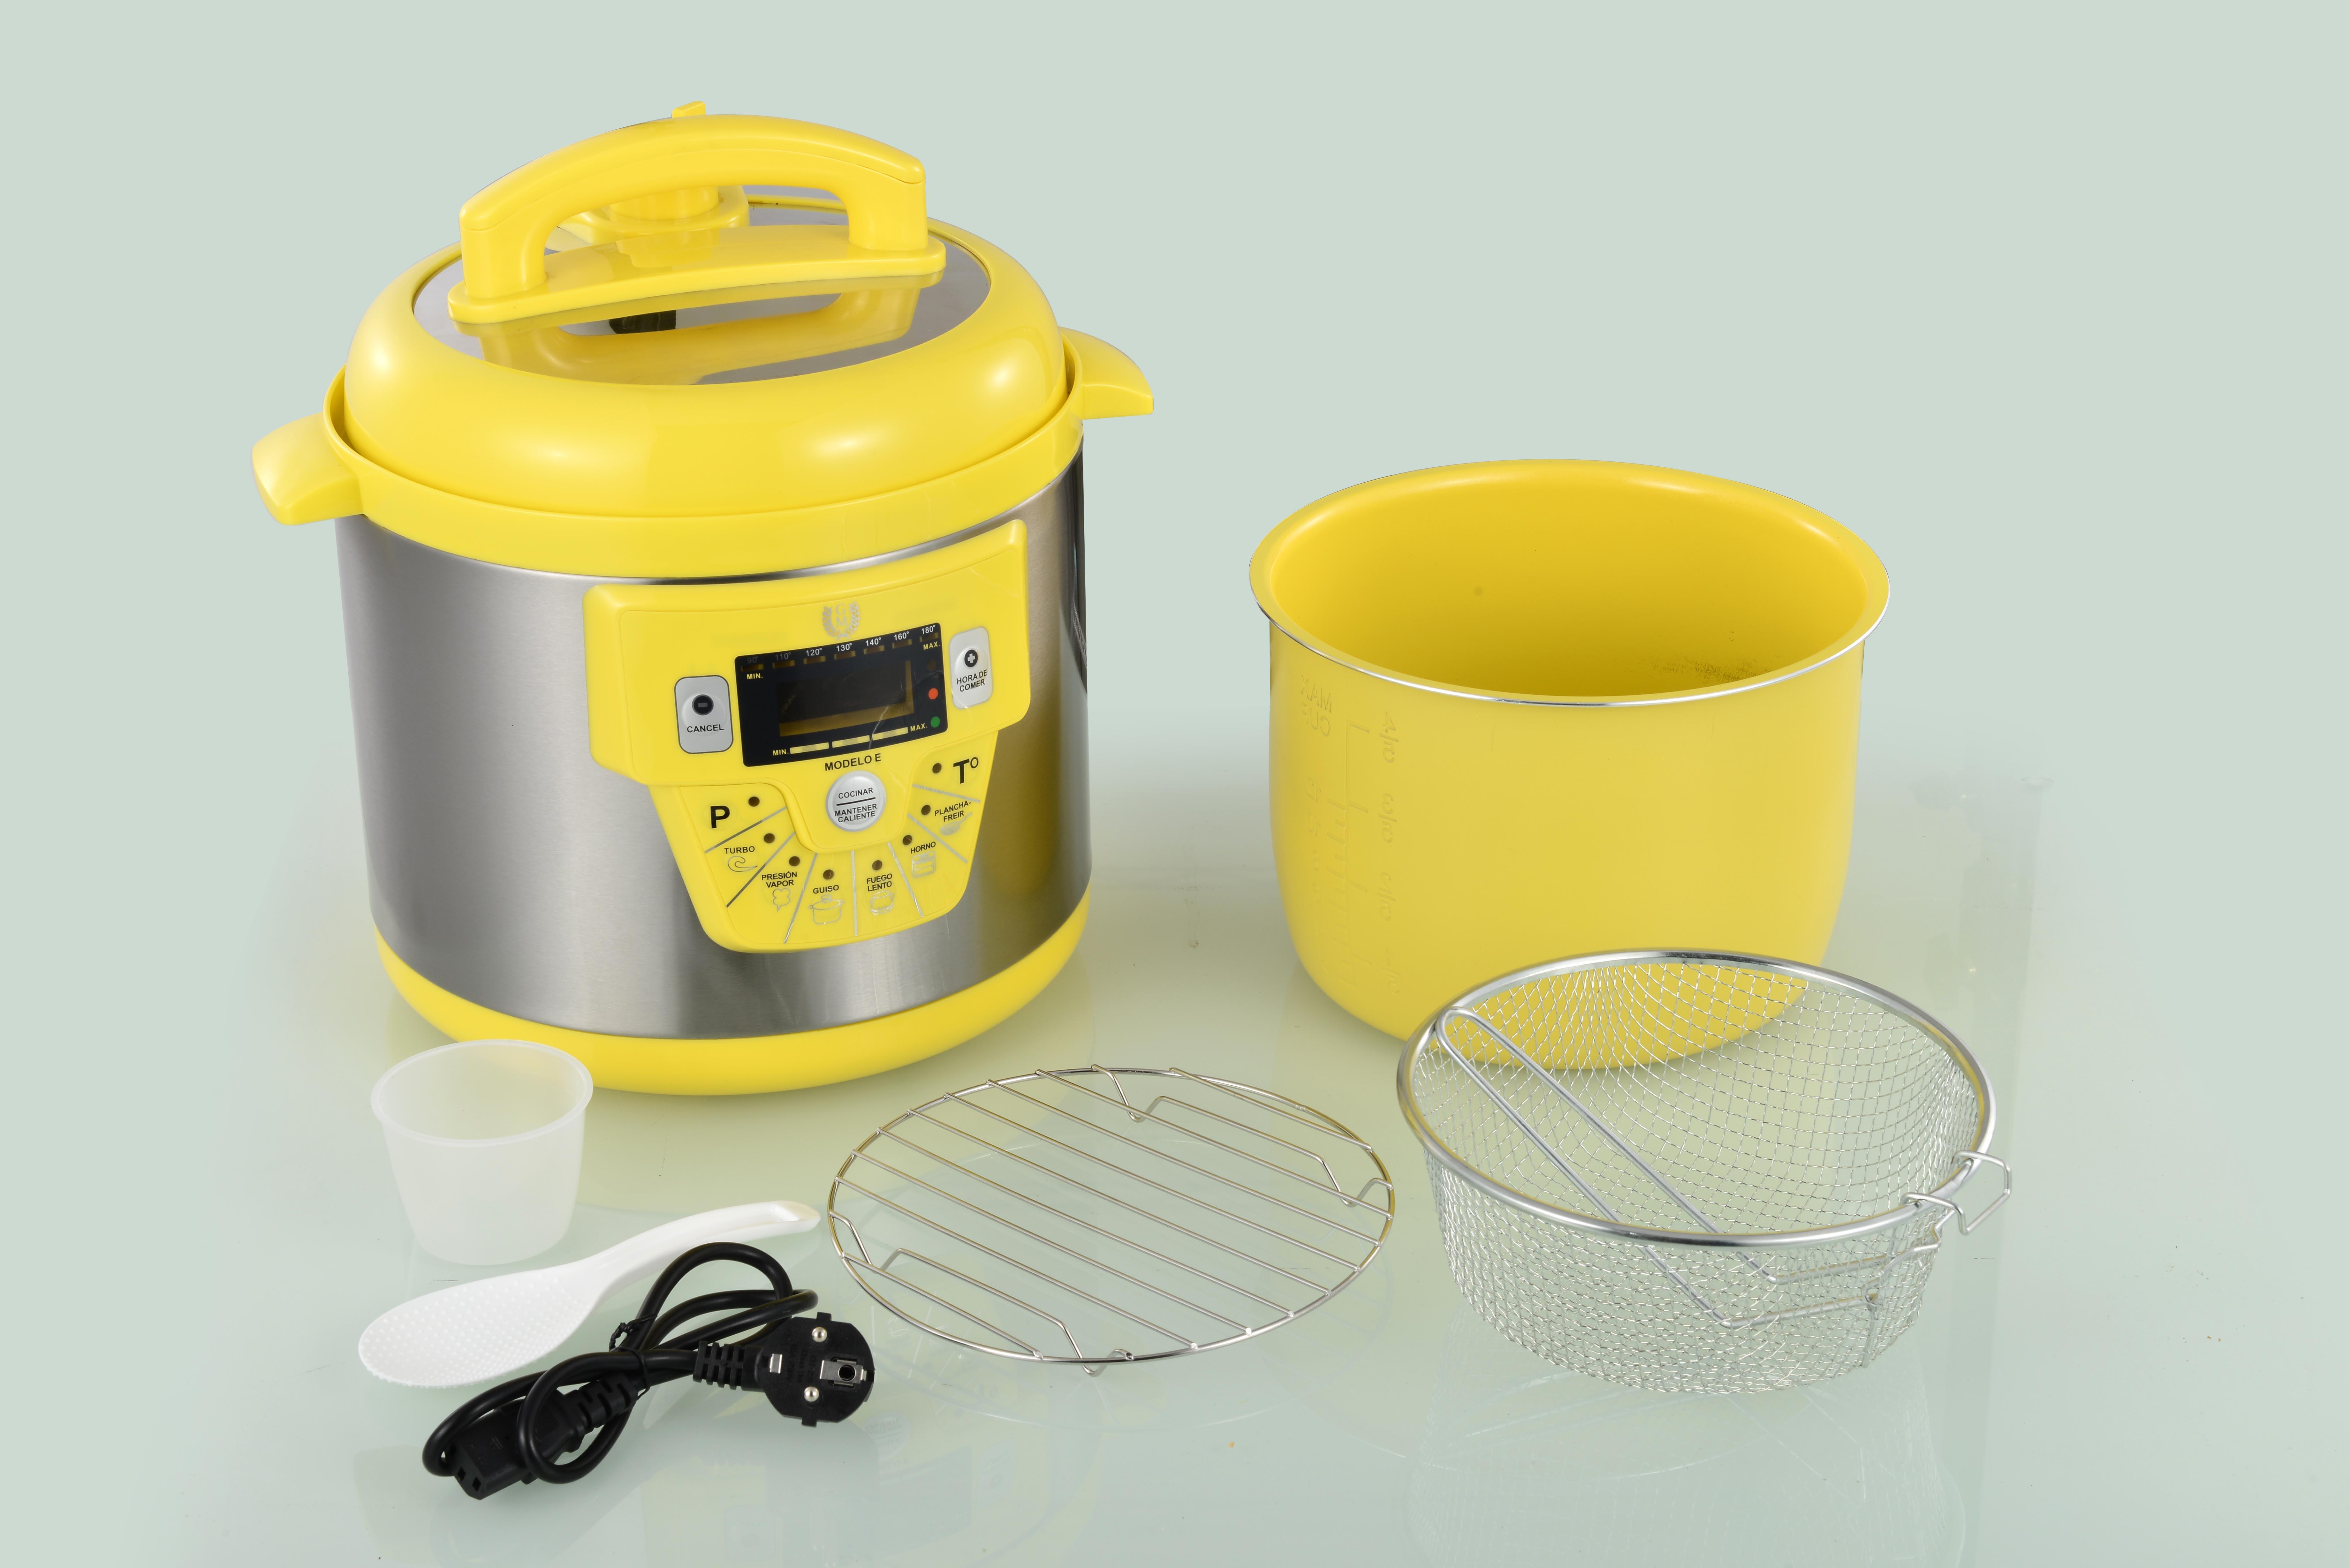 Robot cocina olla programable gm modelo e amarilla 6litro for Cocinar con olla gm